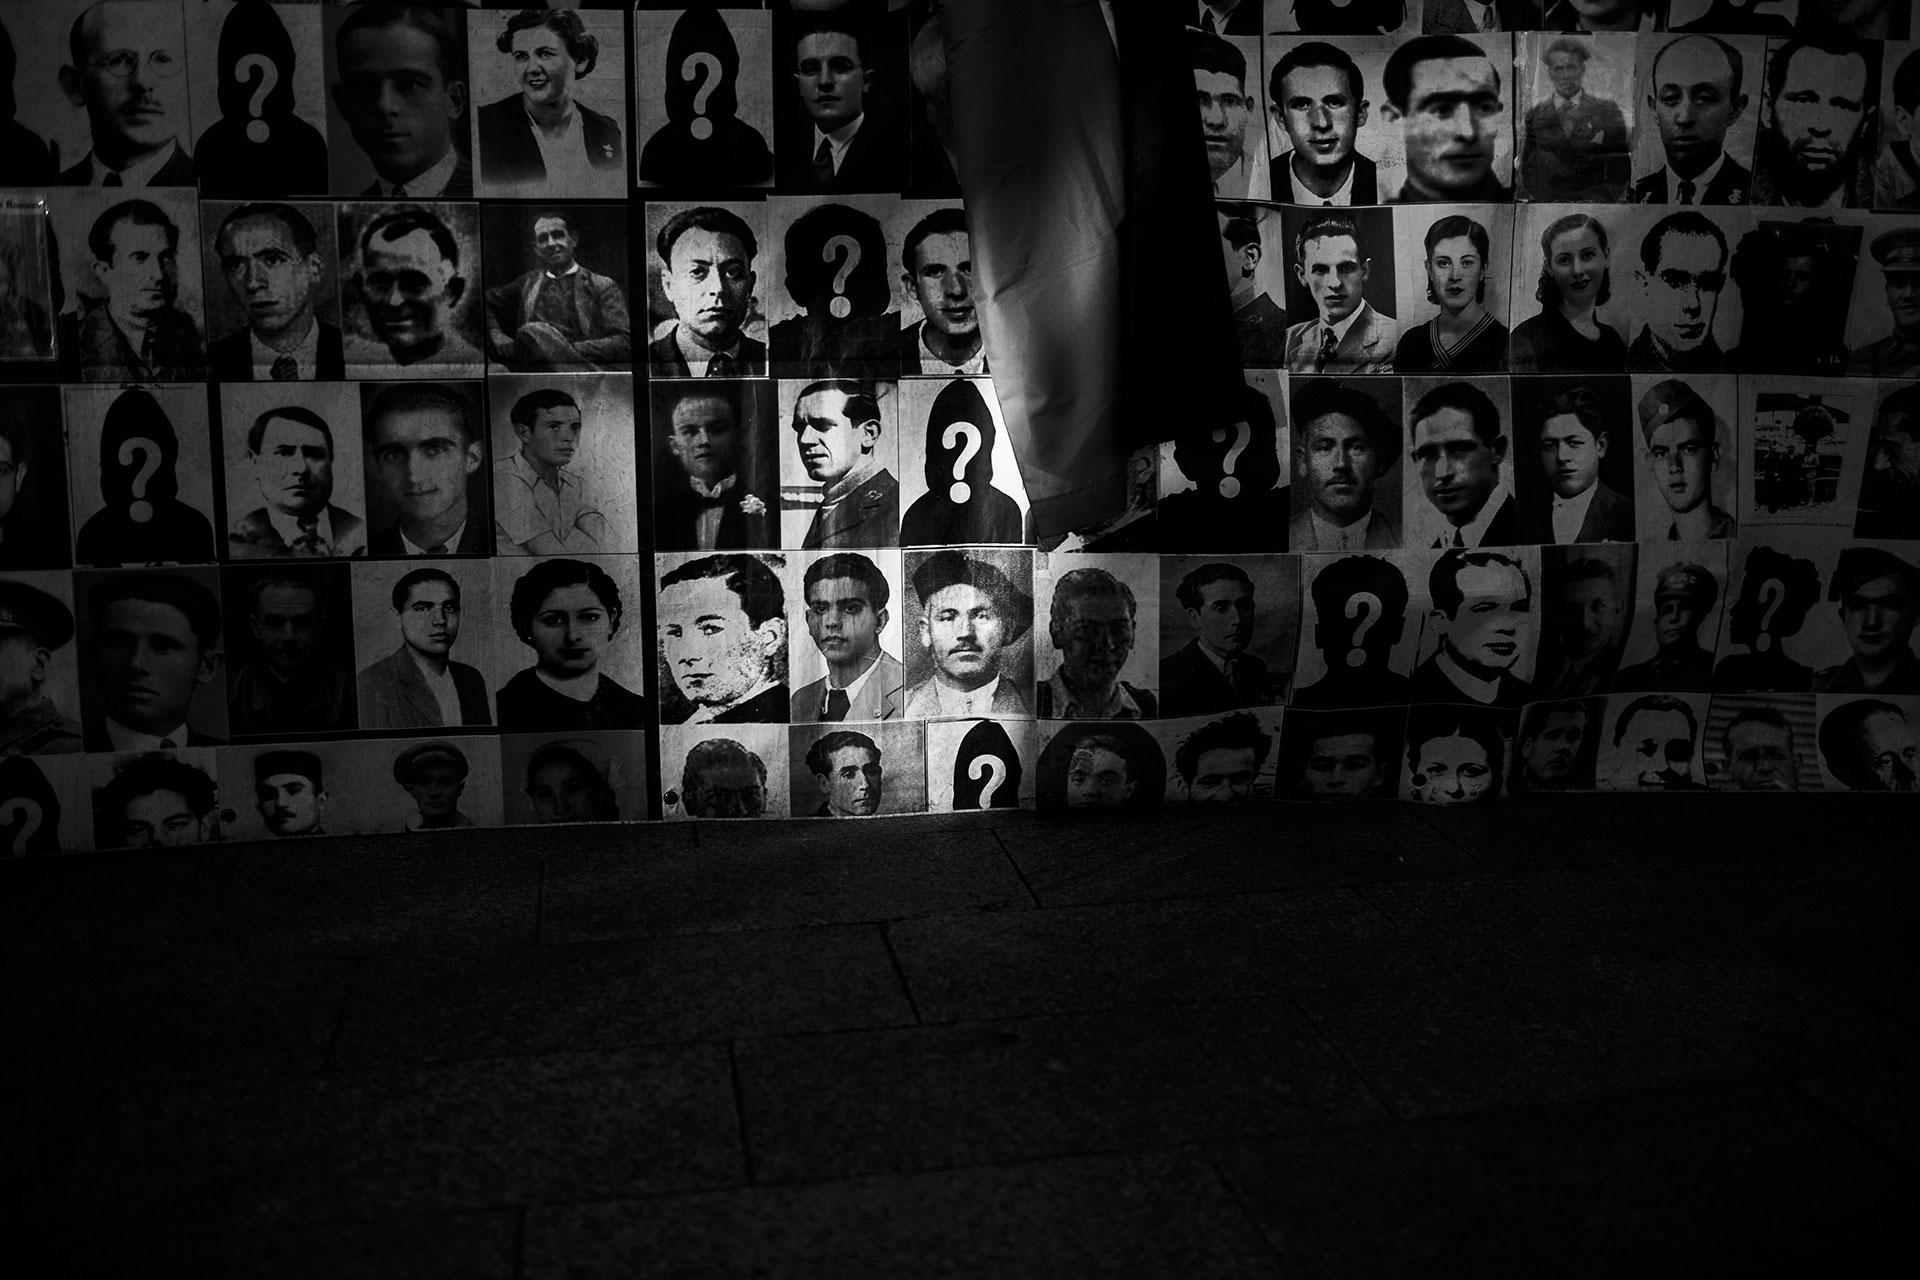 Un grupo de familiares de víctimas y desaparecidos/as del franquismo se manifiestan en la Puerta del Sol de Madrid, en julio de 2018.